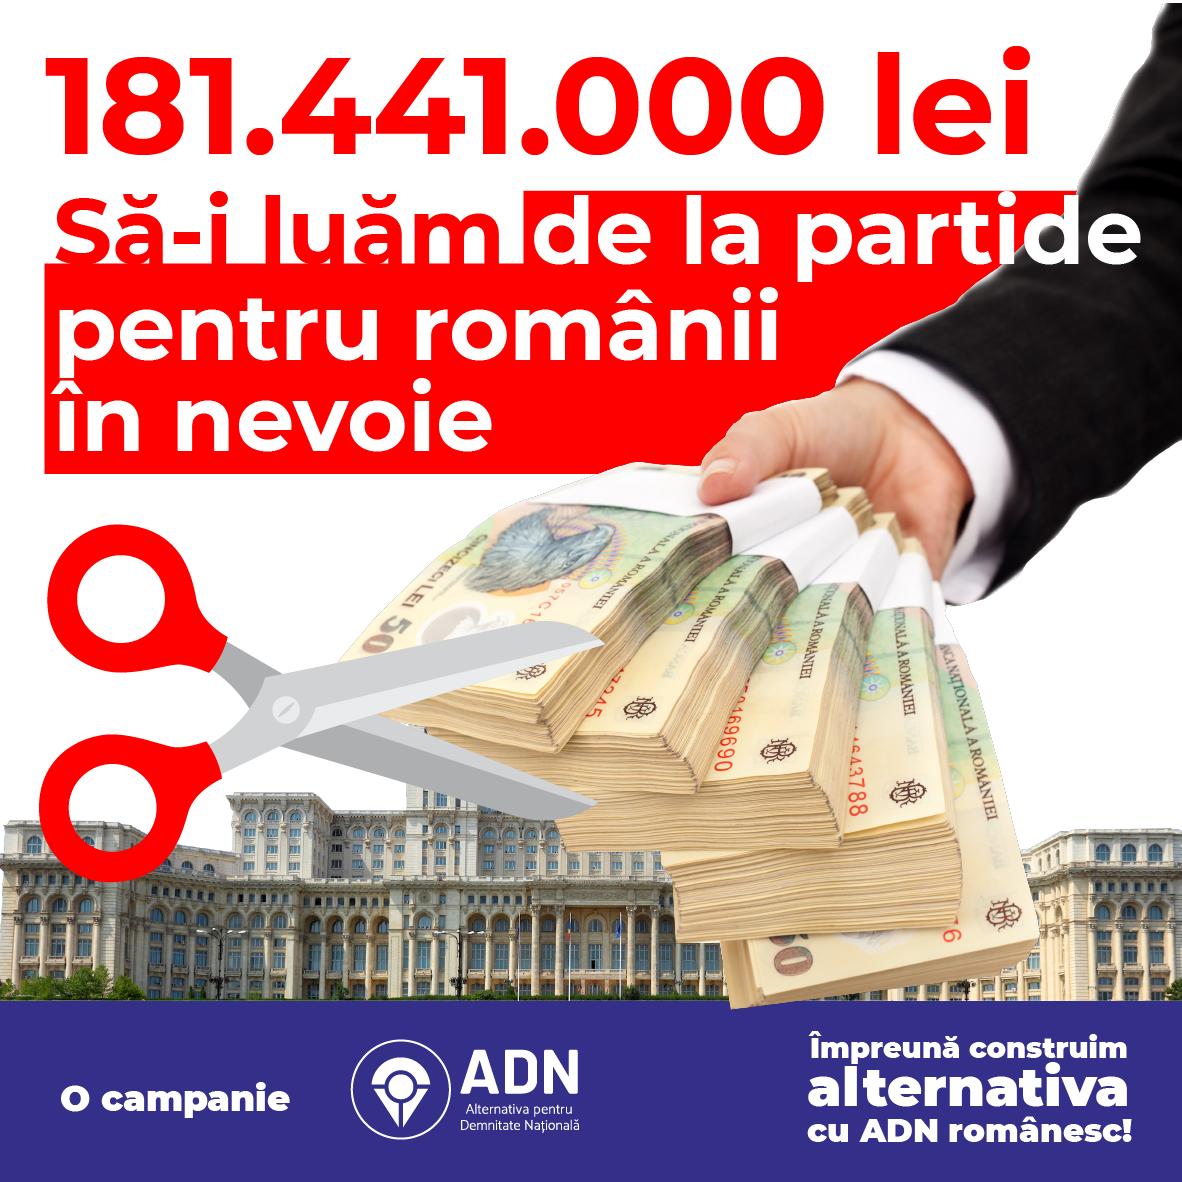 Tăiați banii publici pentru partide! - Petitieonline.com